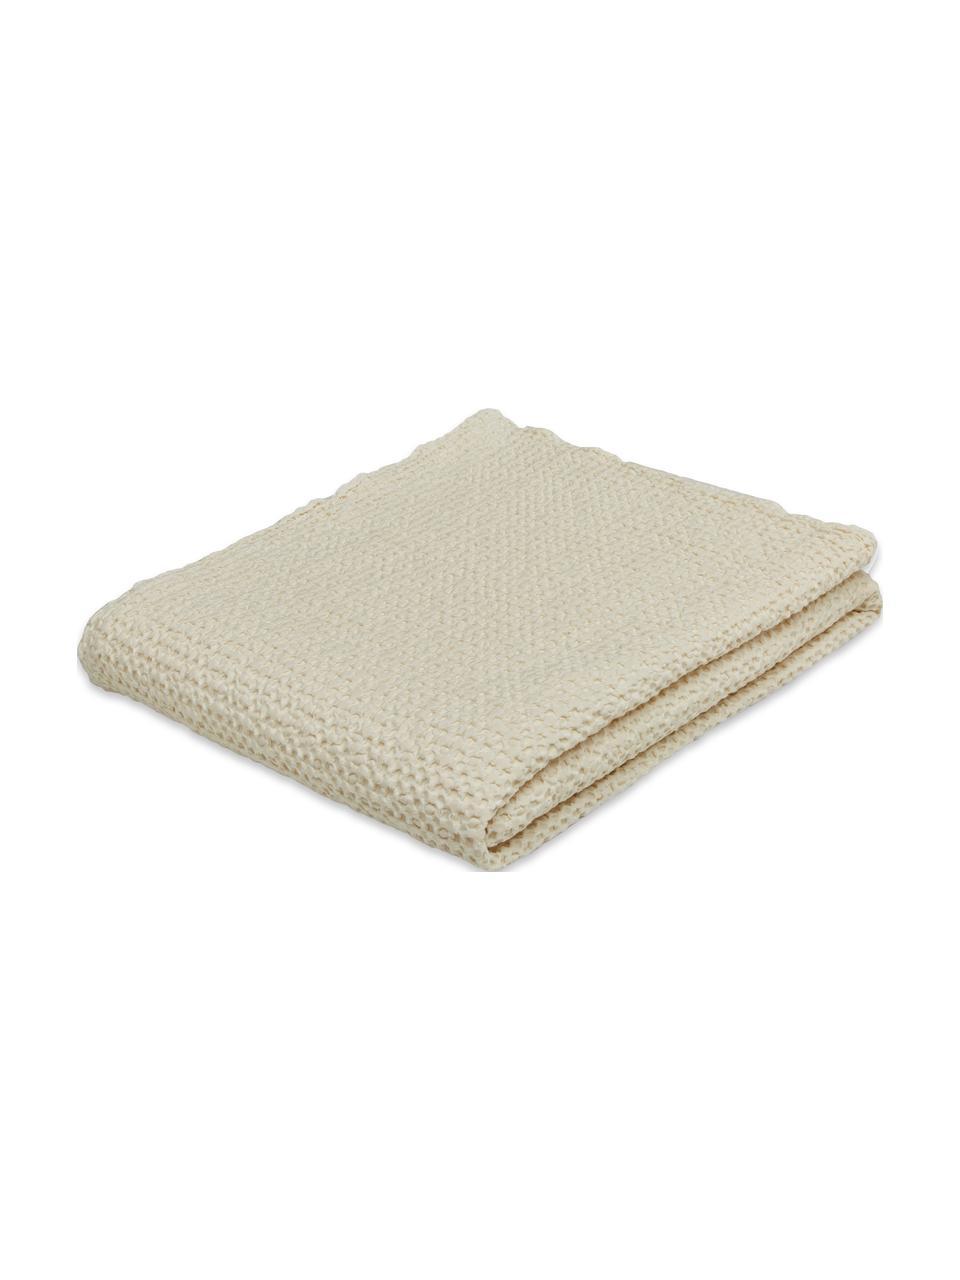 Bedsprei Vigo met gestructureerde oppervlak, 100% katoen, Crèmekleurig, B 220 x L 240 cm (voor bedden van 160 x 200)